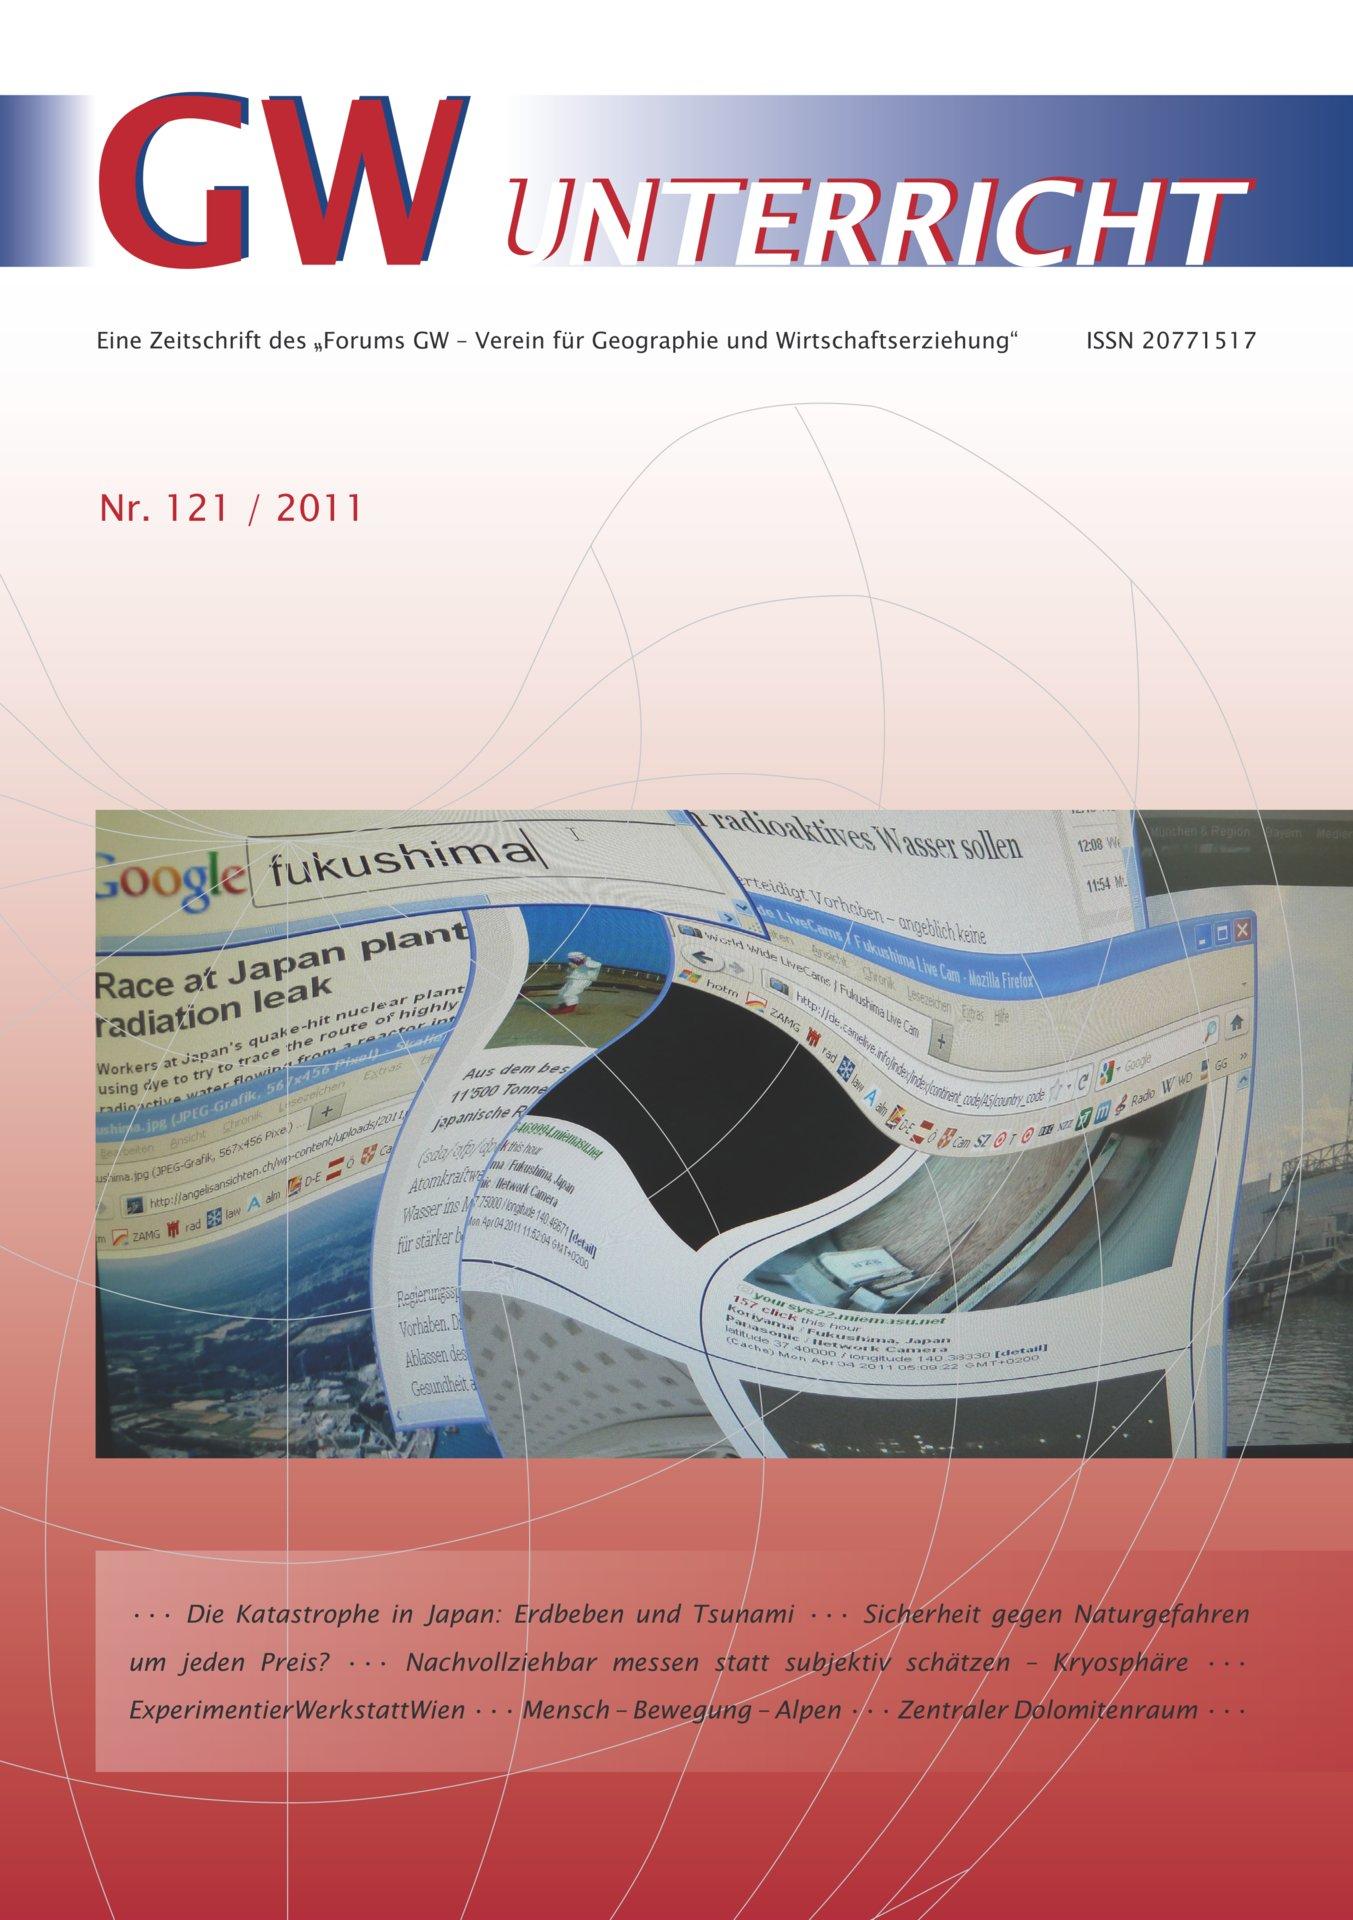 GW-Unterricht - 121 (1/2011)